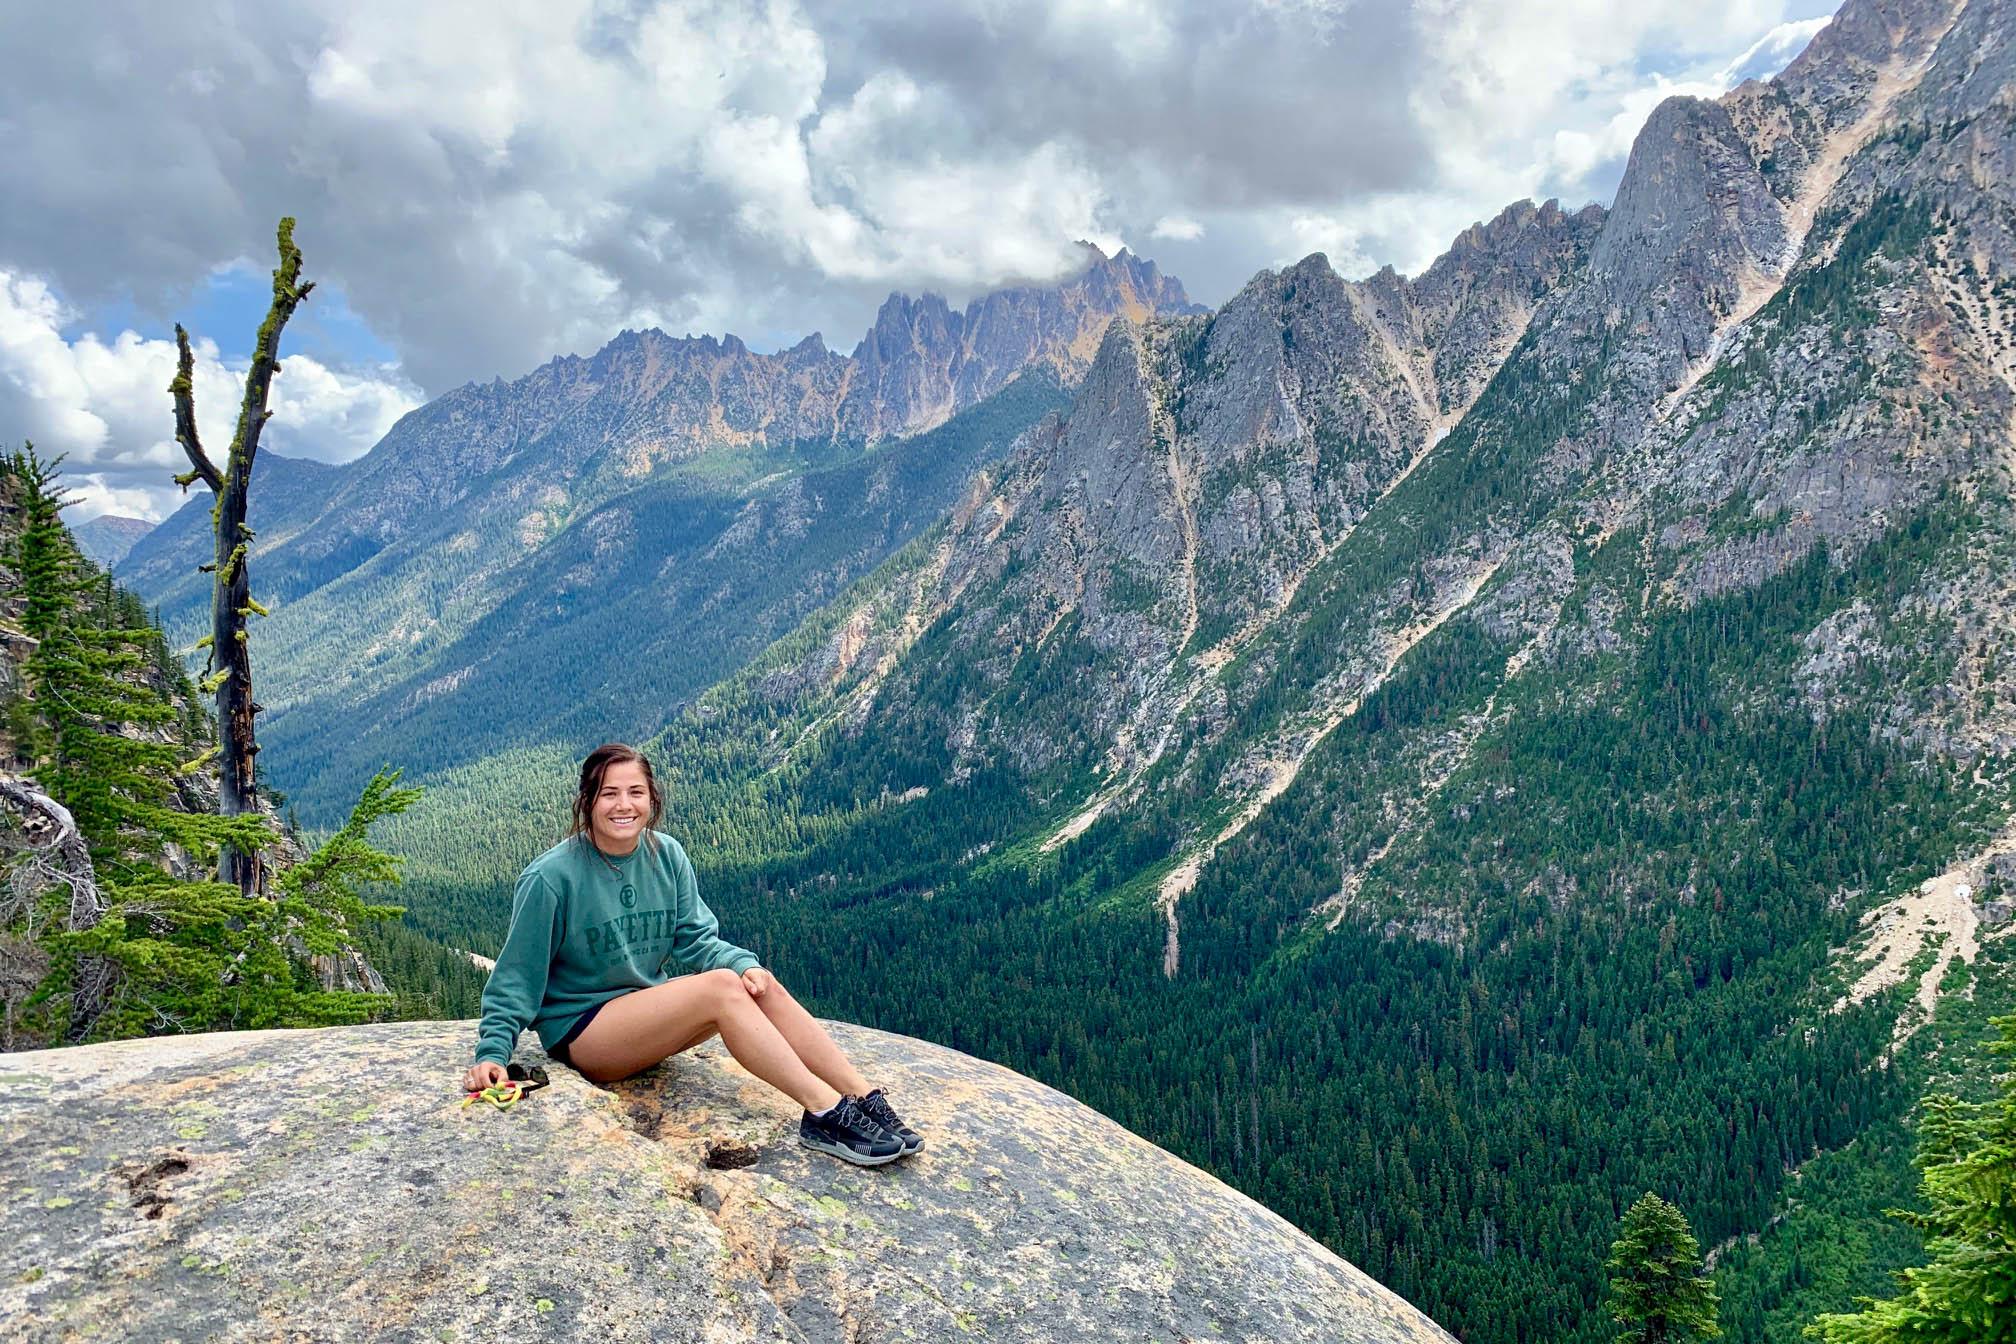 Steph Pyles giving us mild vertigo atop Washington Pass, North Cascades, WA.